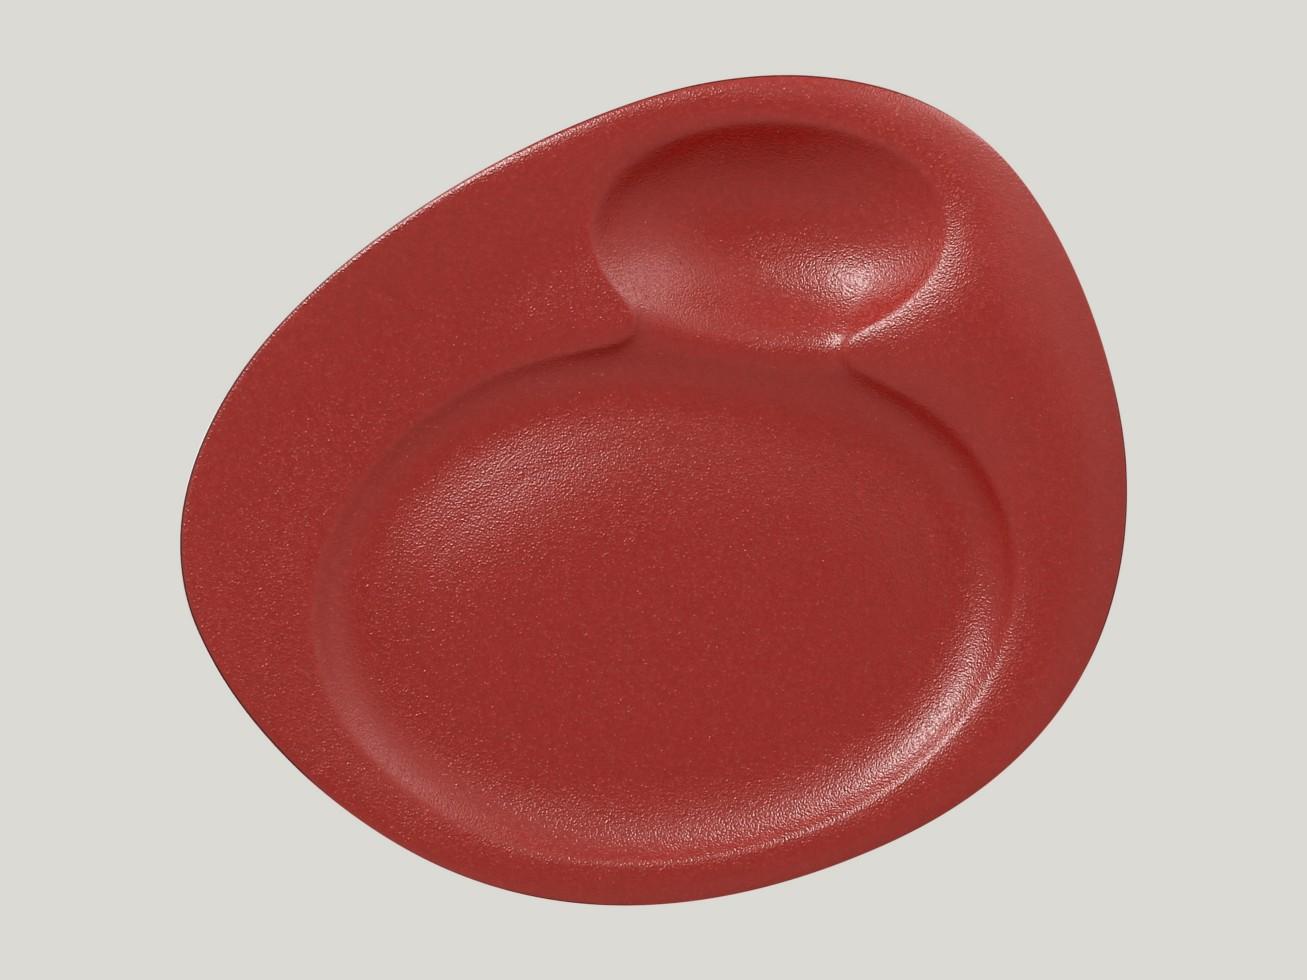 Dinner talíř - 2 basins - tmavě červená Neofusion